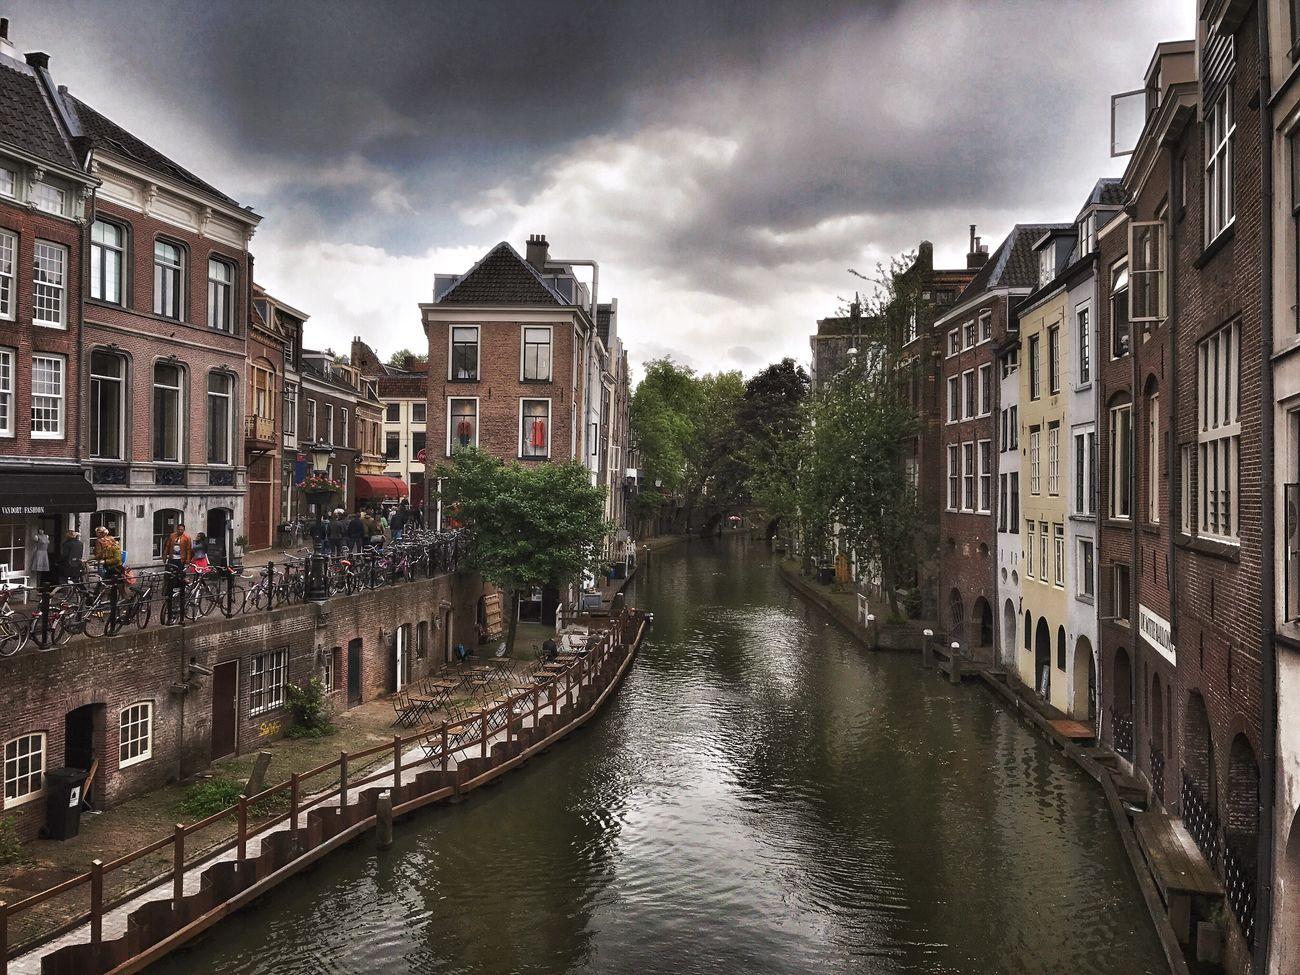 Utrecht Utrecht , Netherlands Oudegracht Canal Dutch Cities Cloud - Sky Dutch Architecture Water Bridge Old Buildings Houses